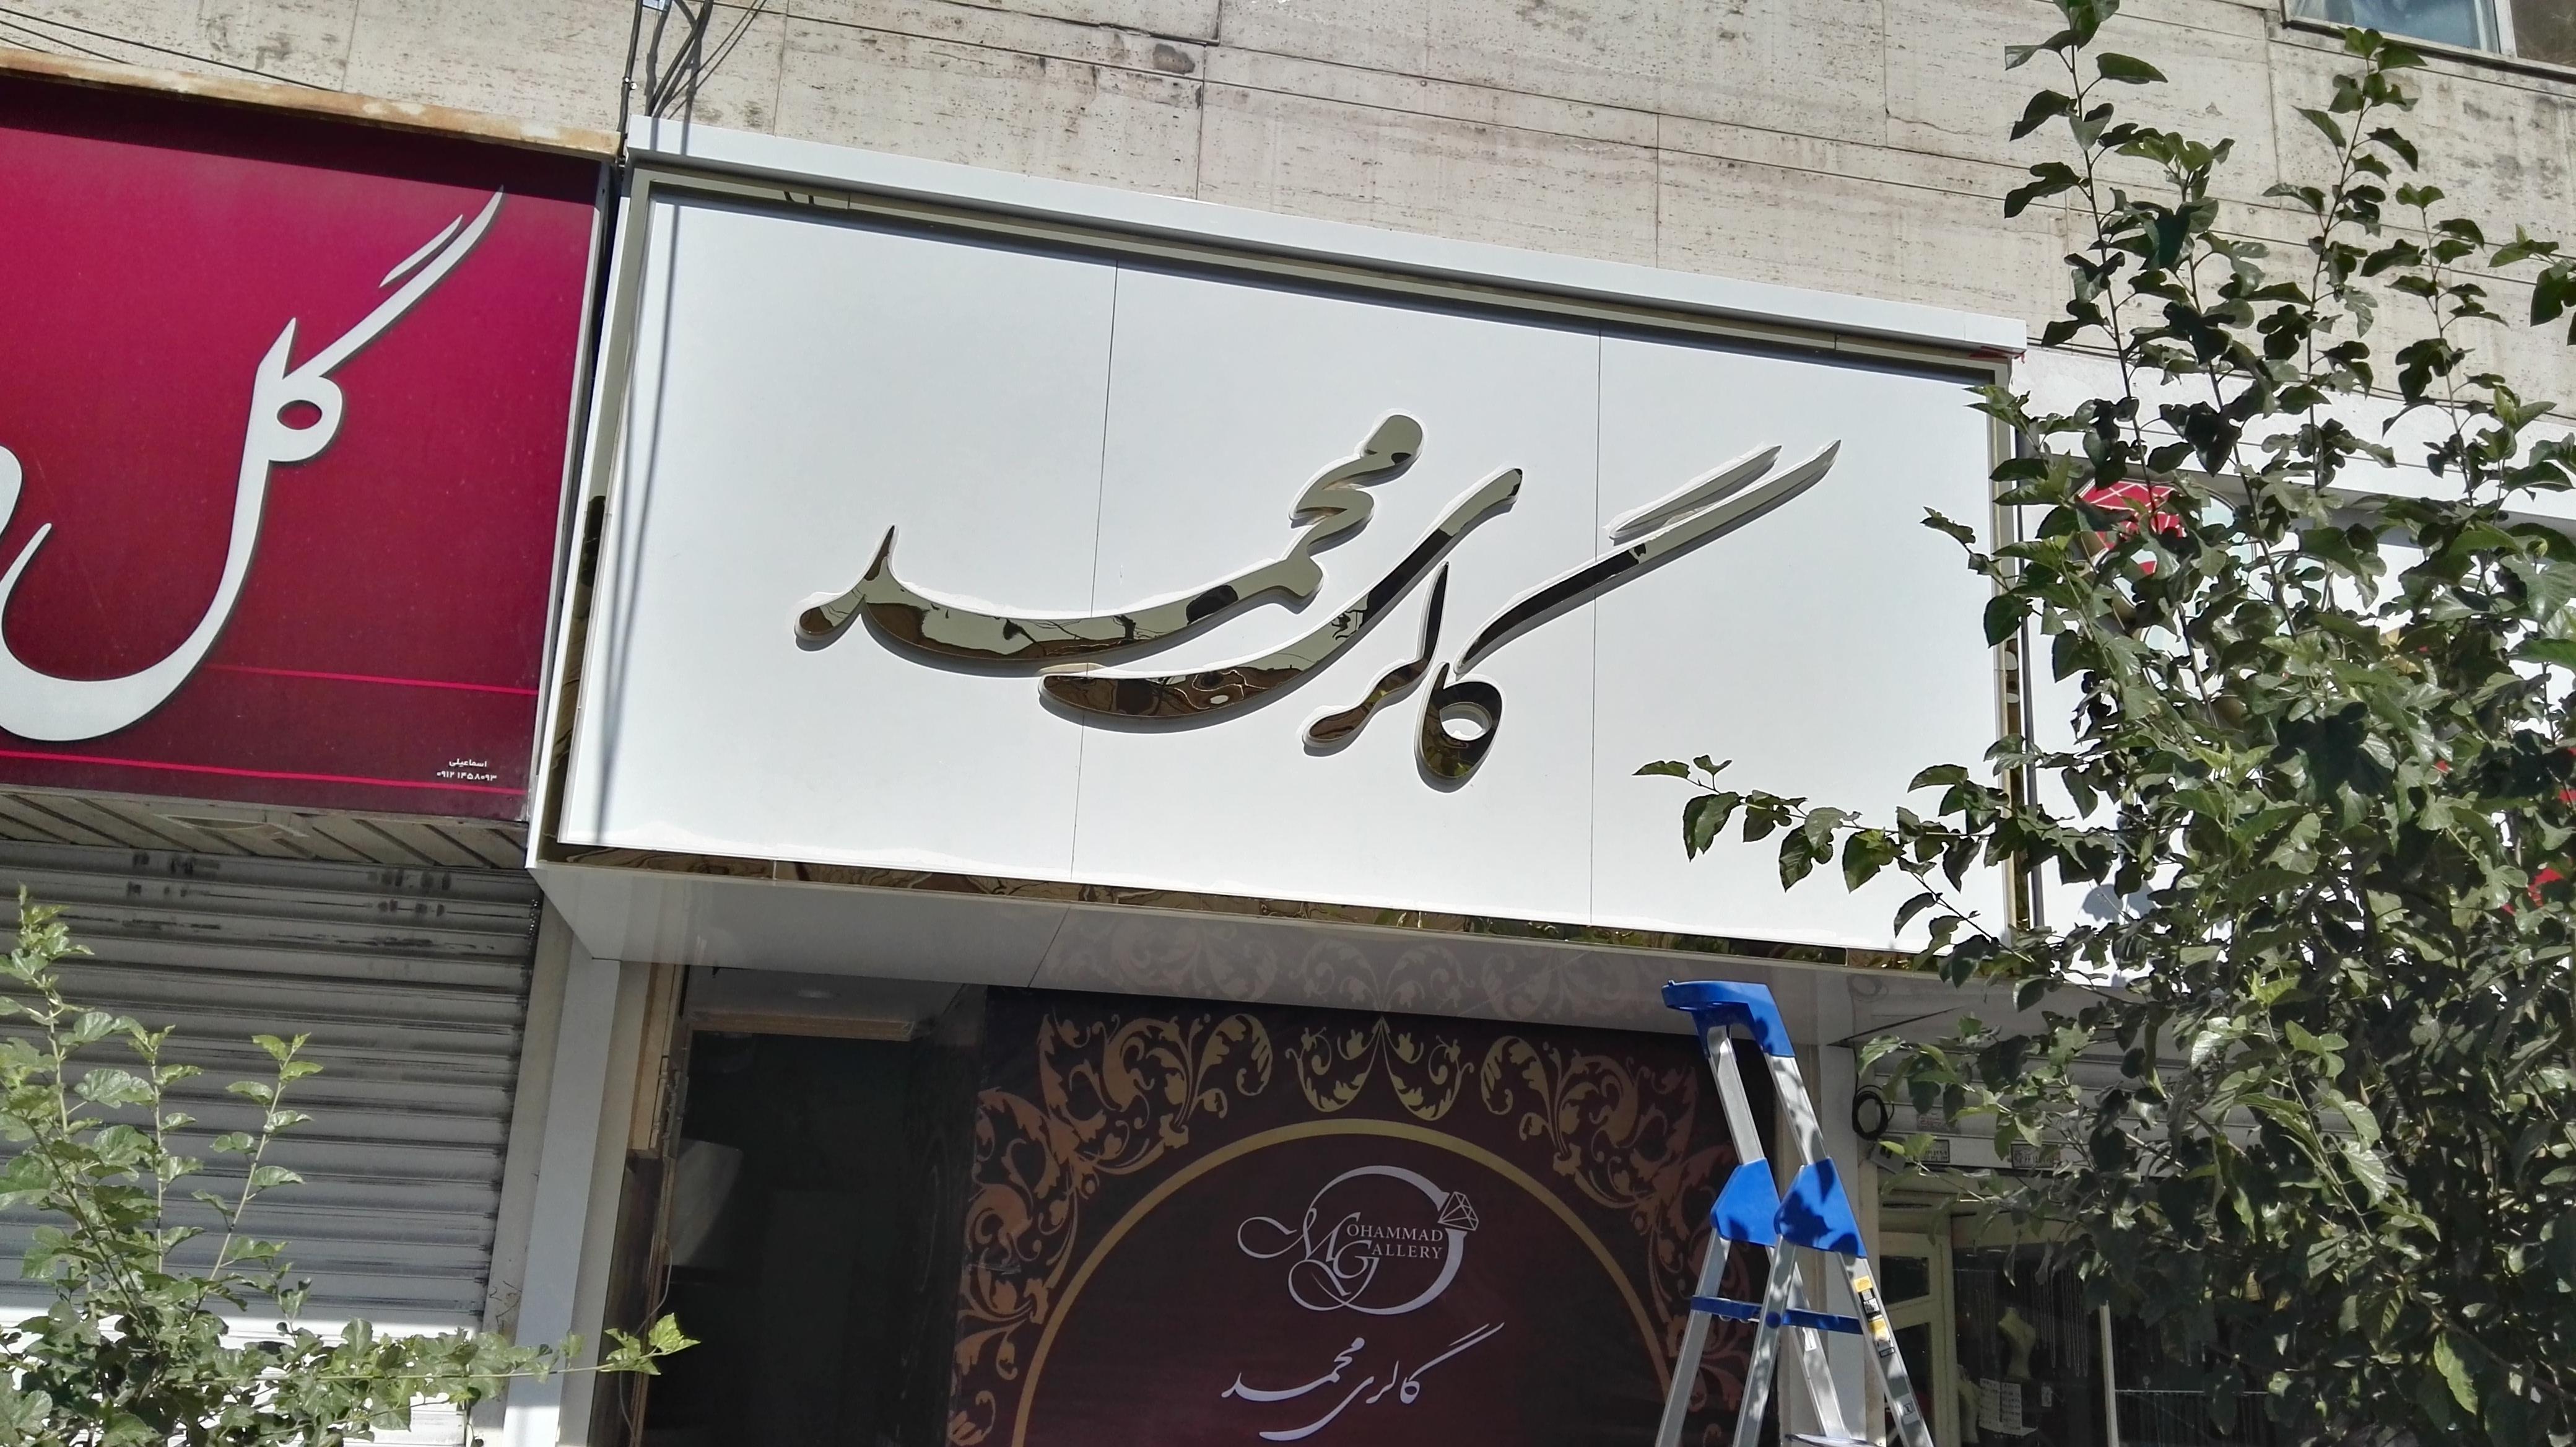 ساخت و نصب تابلو کامپوزیت با حروف استیل طلایی